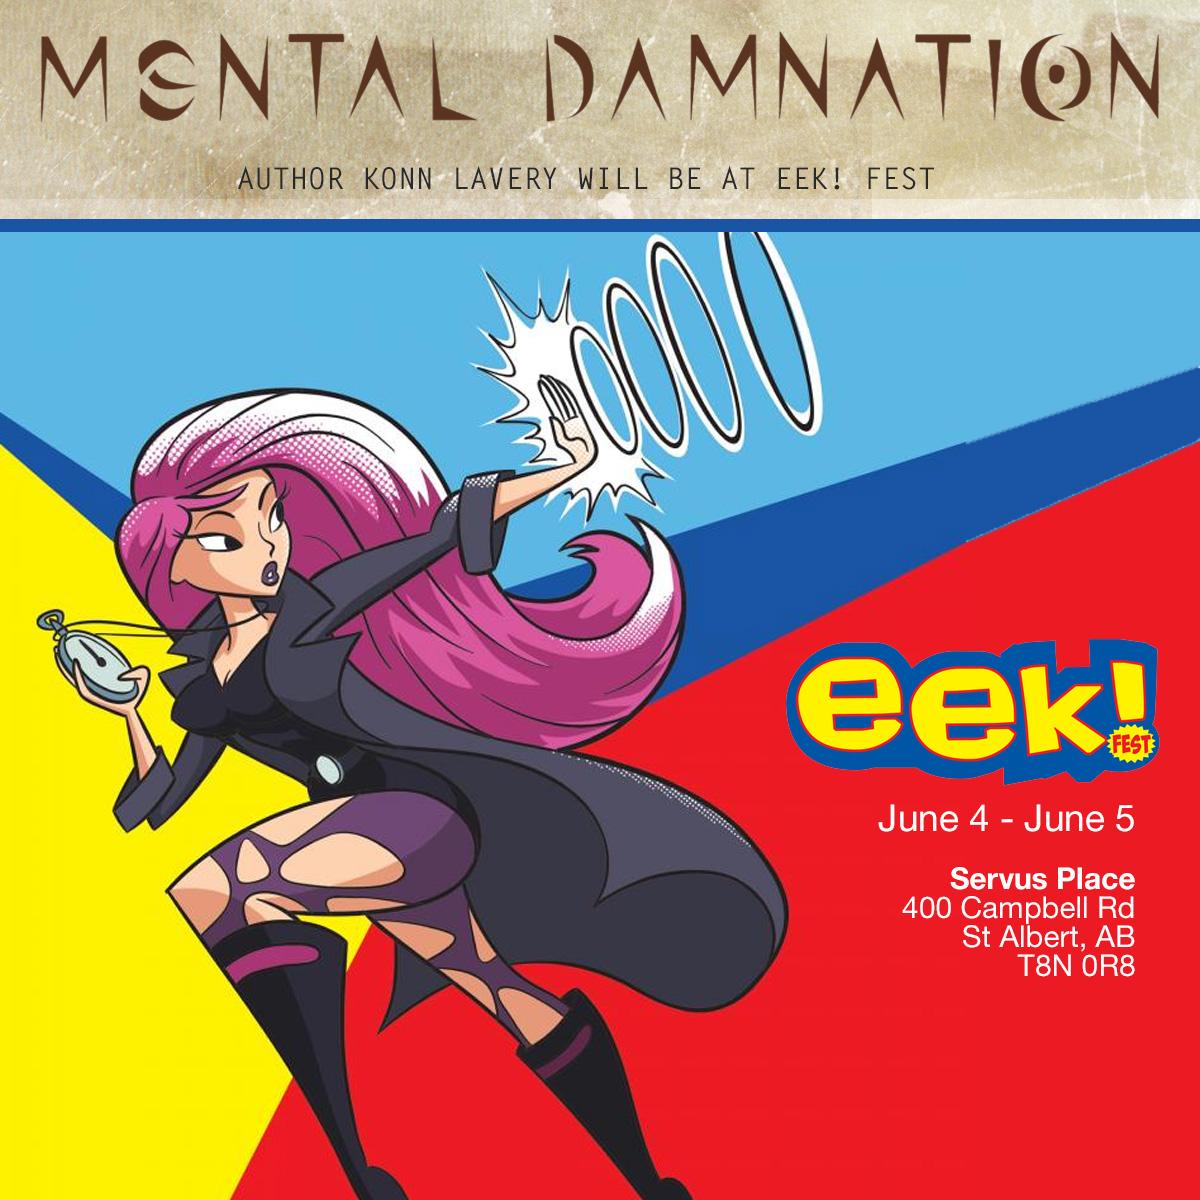 Mental Damnation at Eek! Fest 2016